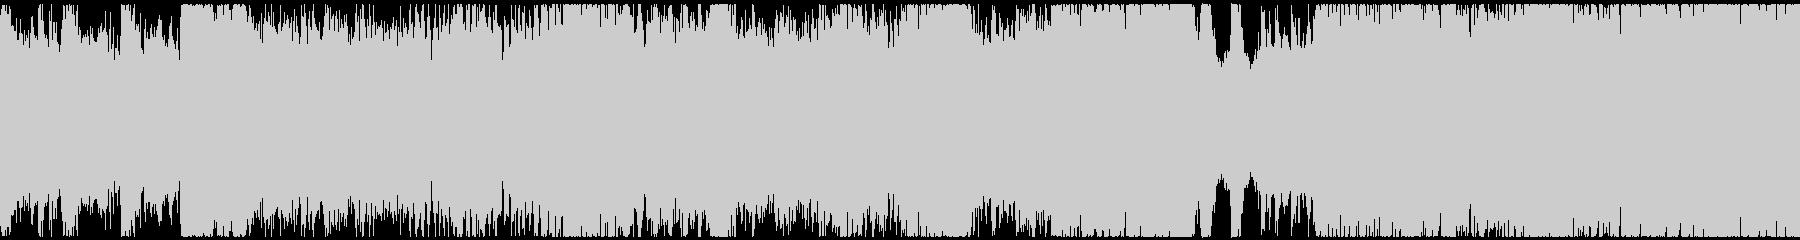 荘厳で激しいオーケストラ戦闘曲(ループ)の未再生の波形